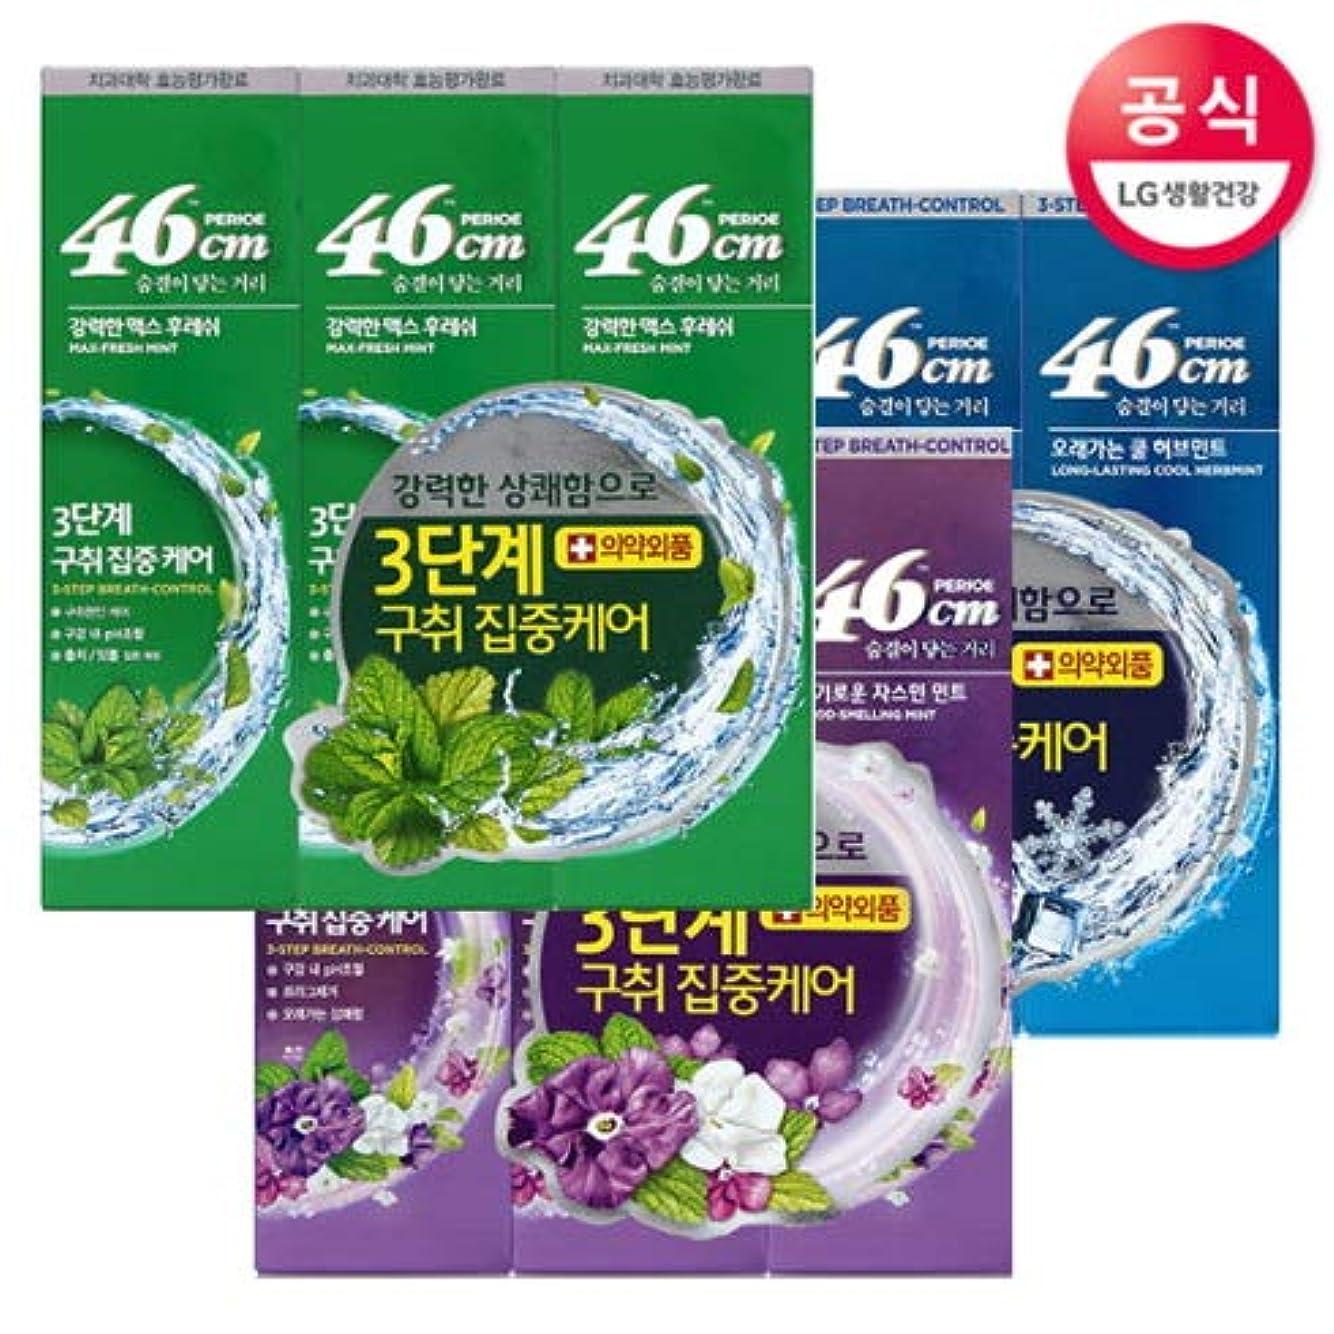 式気怠い見習い[LG HnB] Perio 46cm toothpaste /ペリオ46cm歯磨き粉 100gx9個(海外直送品)